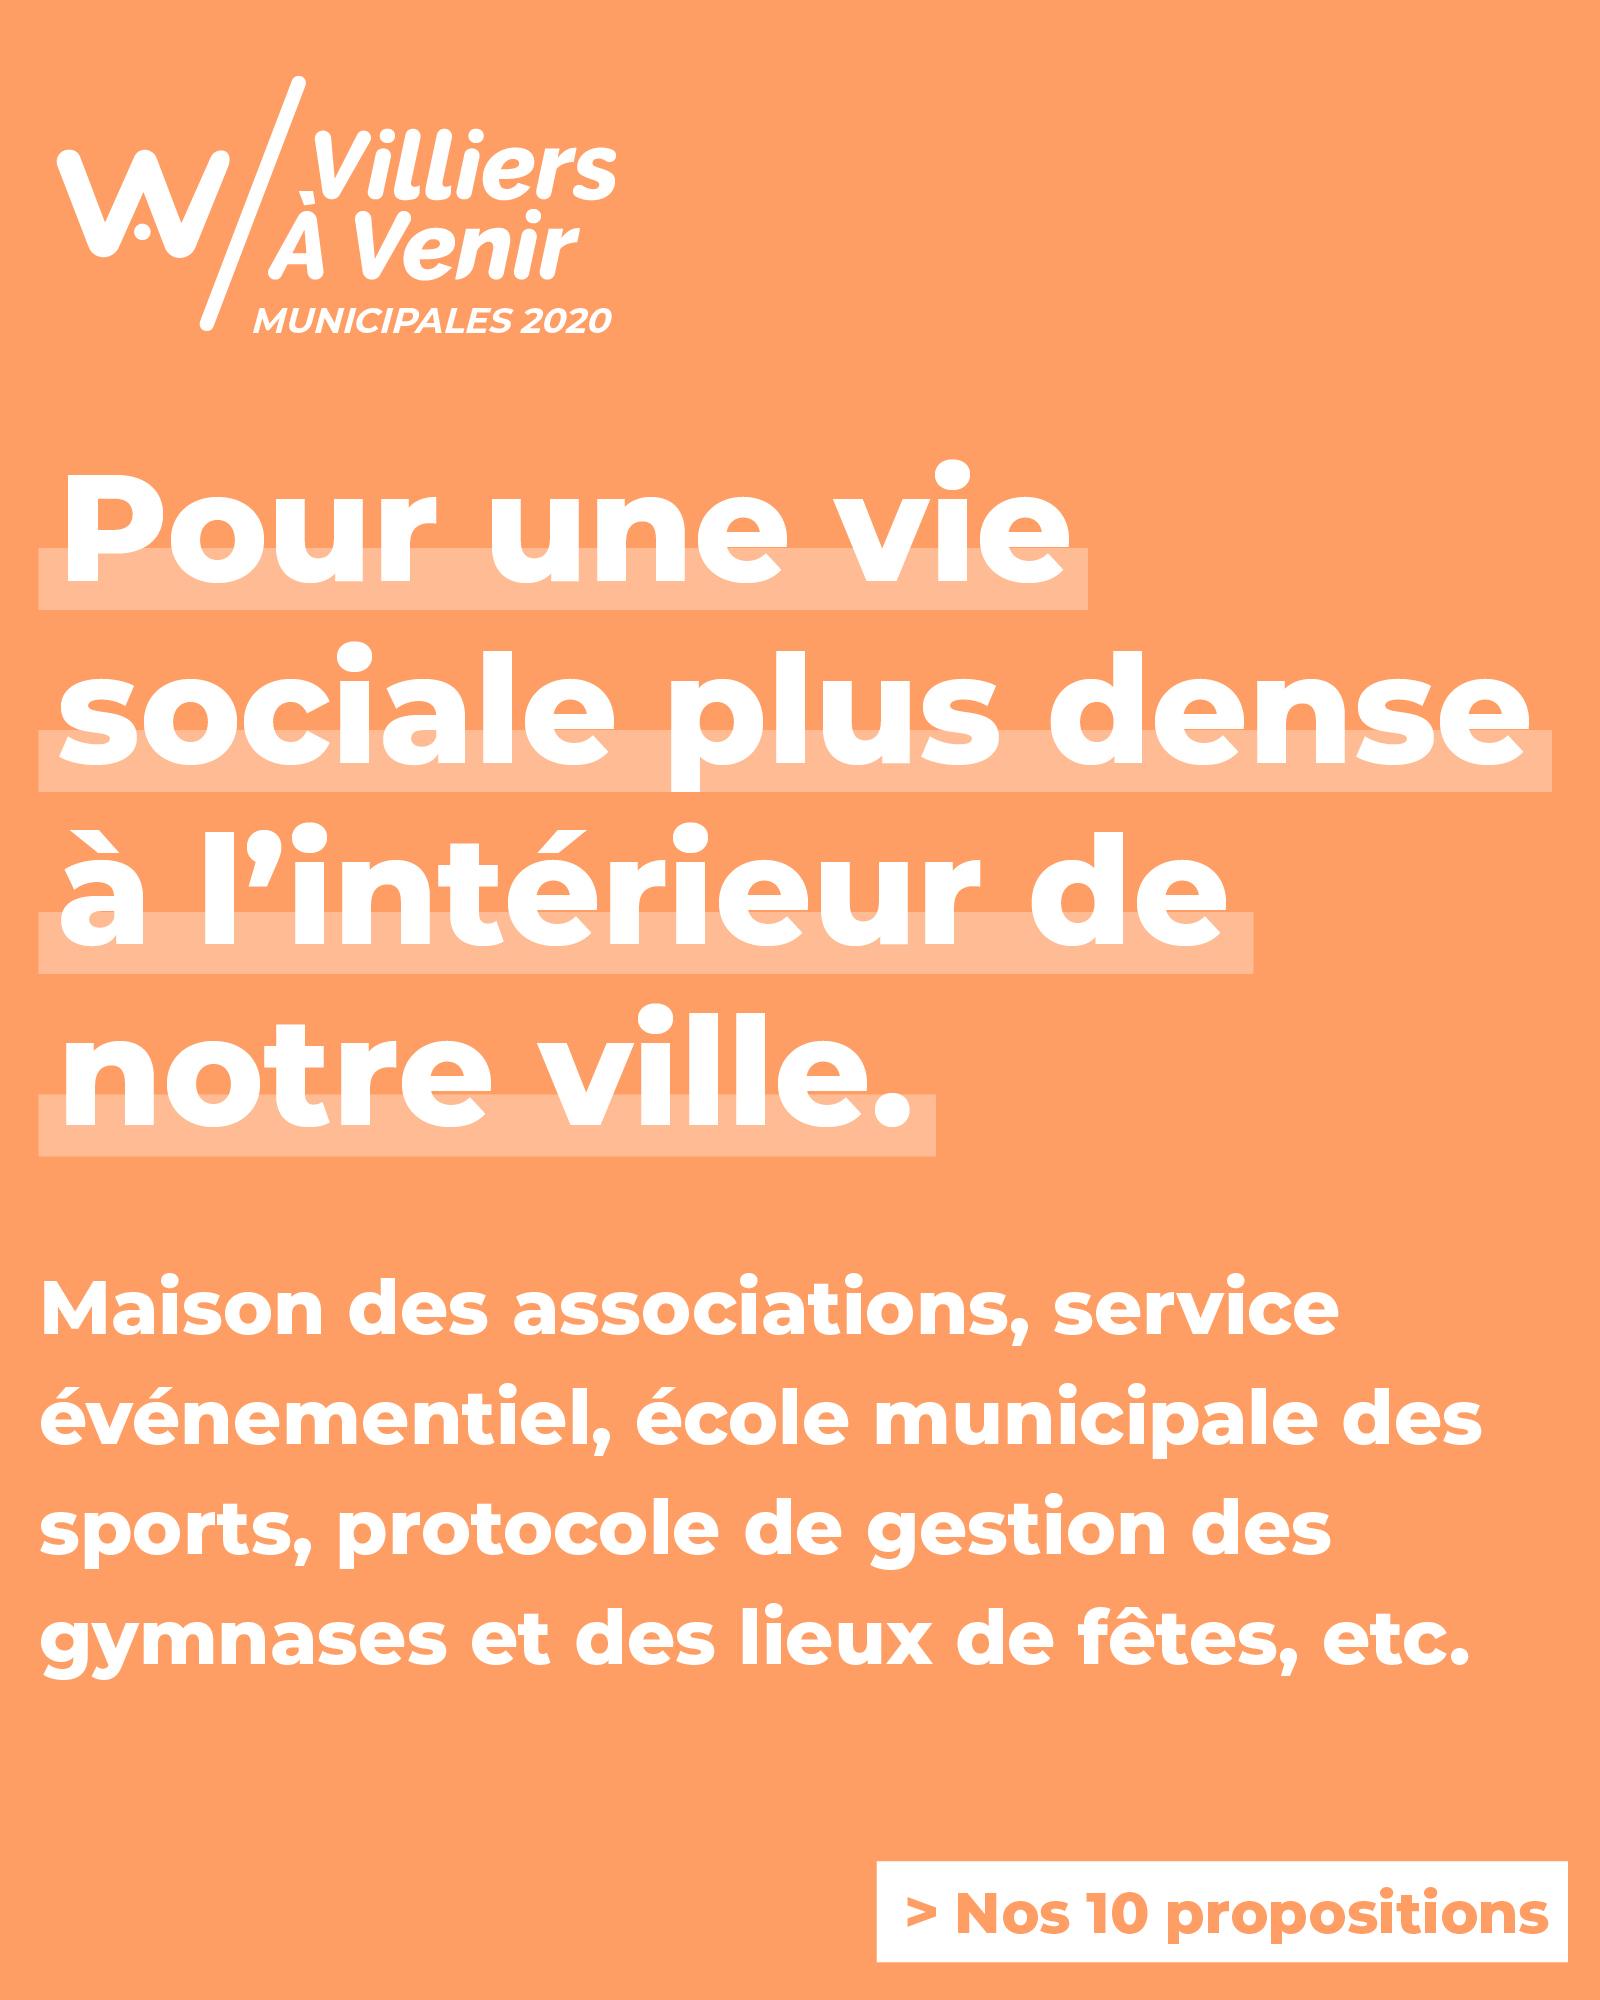 http://vav94.fr/wp-content/uploads/2020/03/IMAGES-RÉSEAUX-SOCIAUX-ET-SITE-VAV27-2.jpg